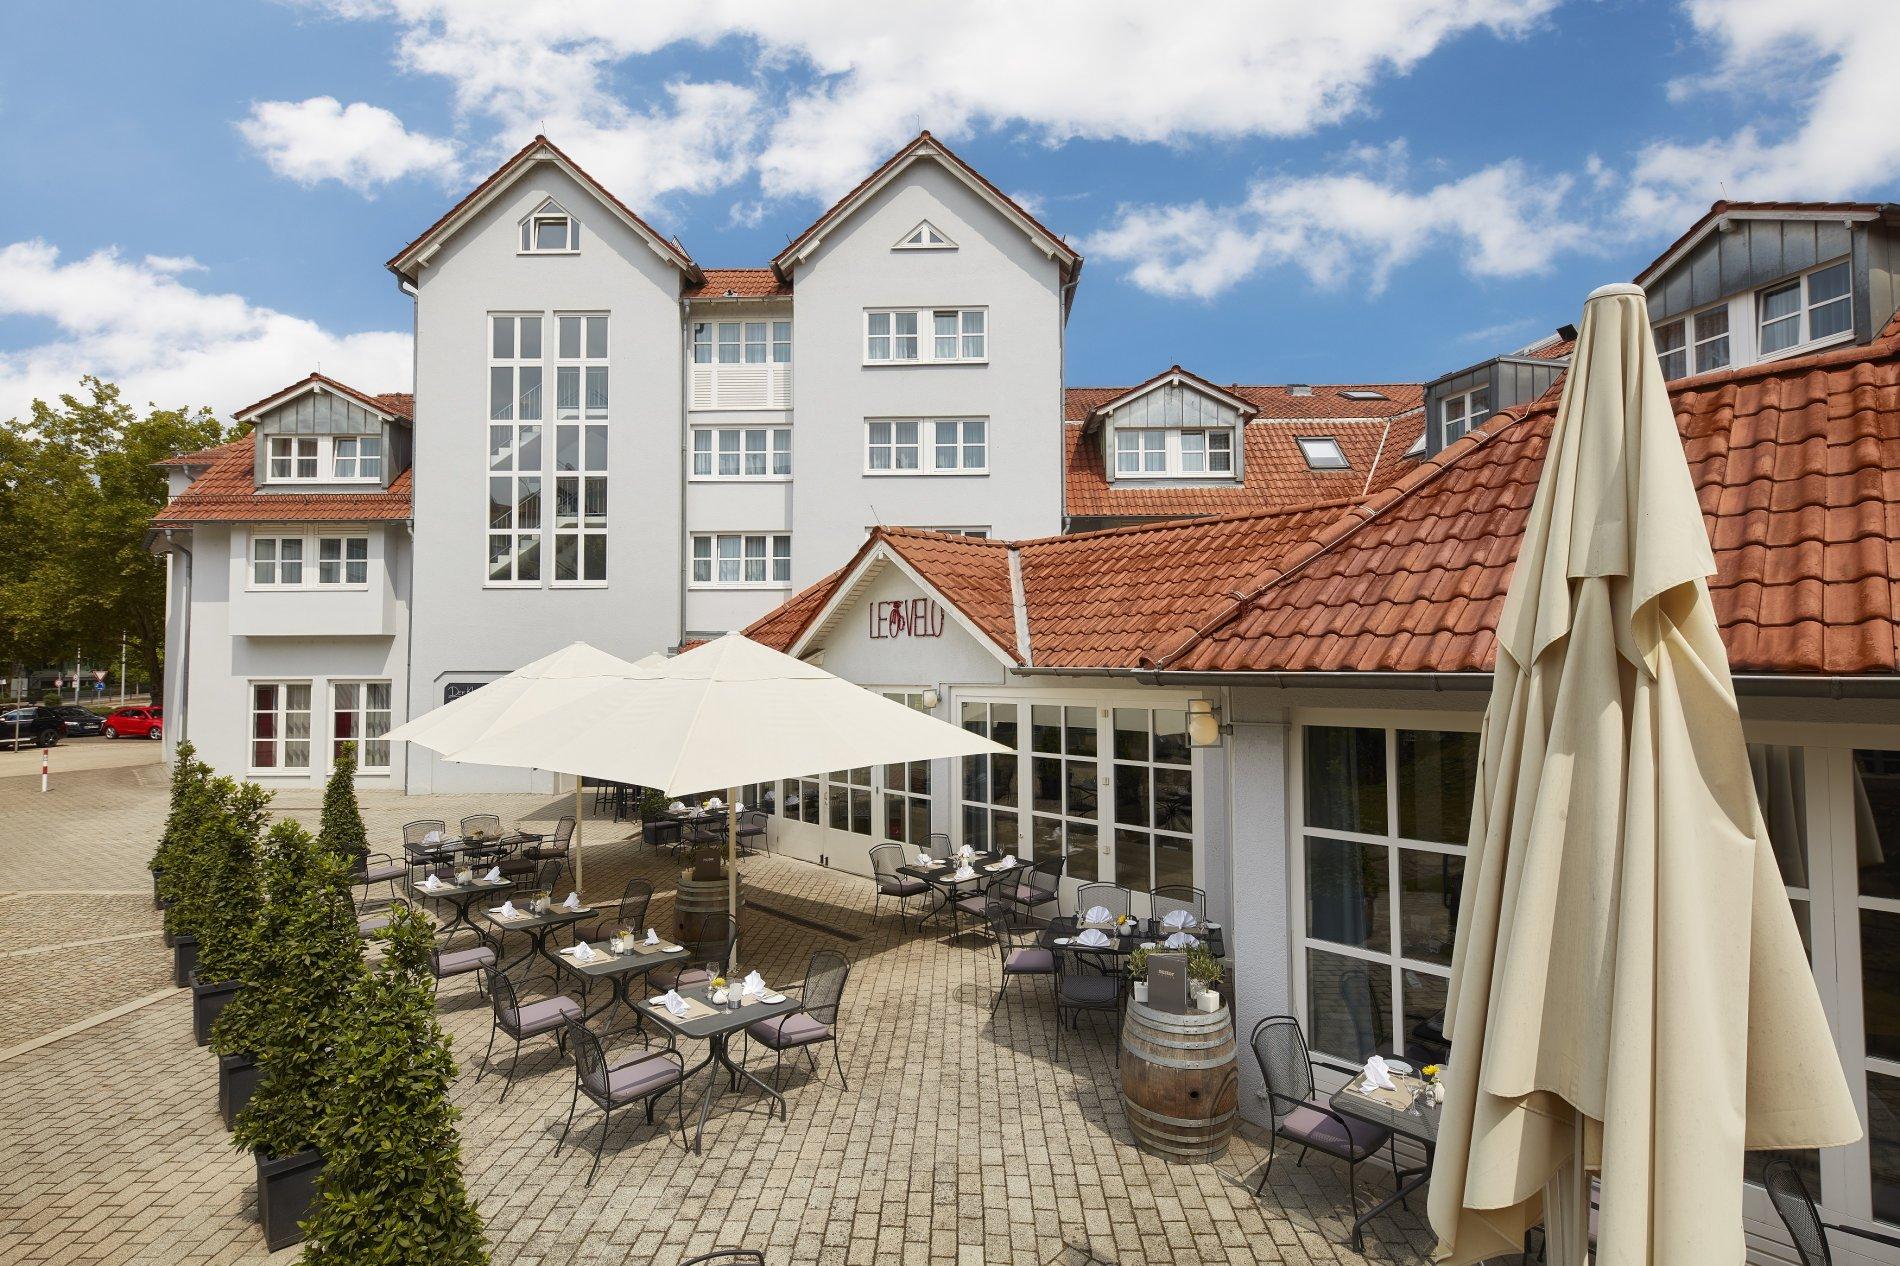 nestor Hotel Neckarsulm - Außenansicht| Bett+Bike Hotel HeilbronnerLand | RadServiceStation